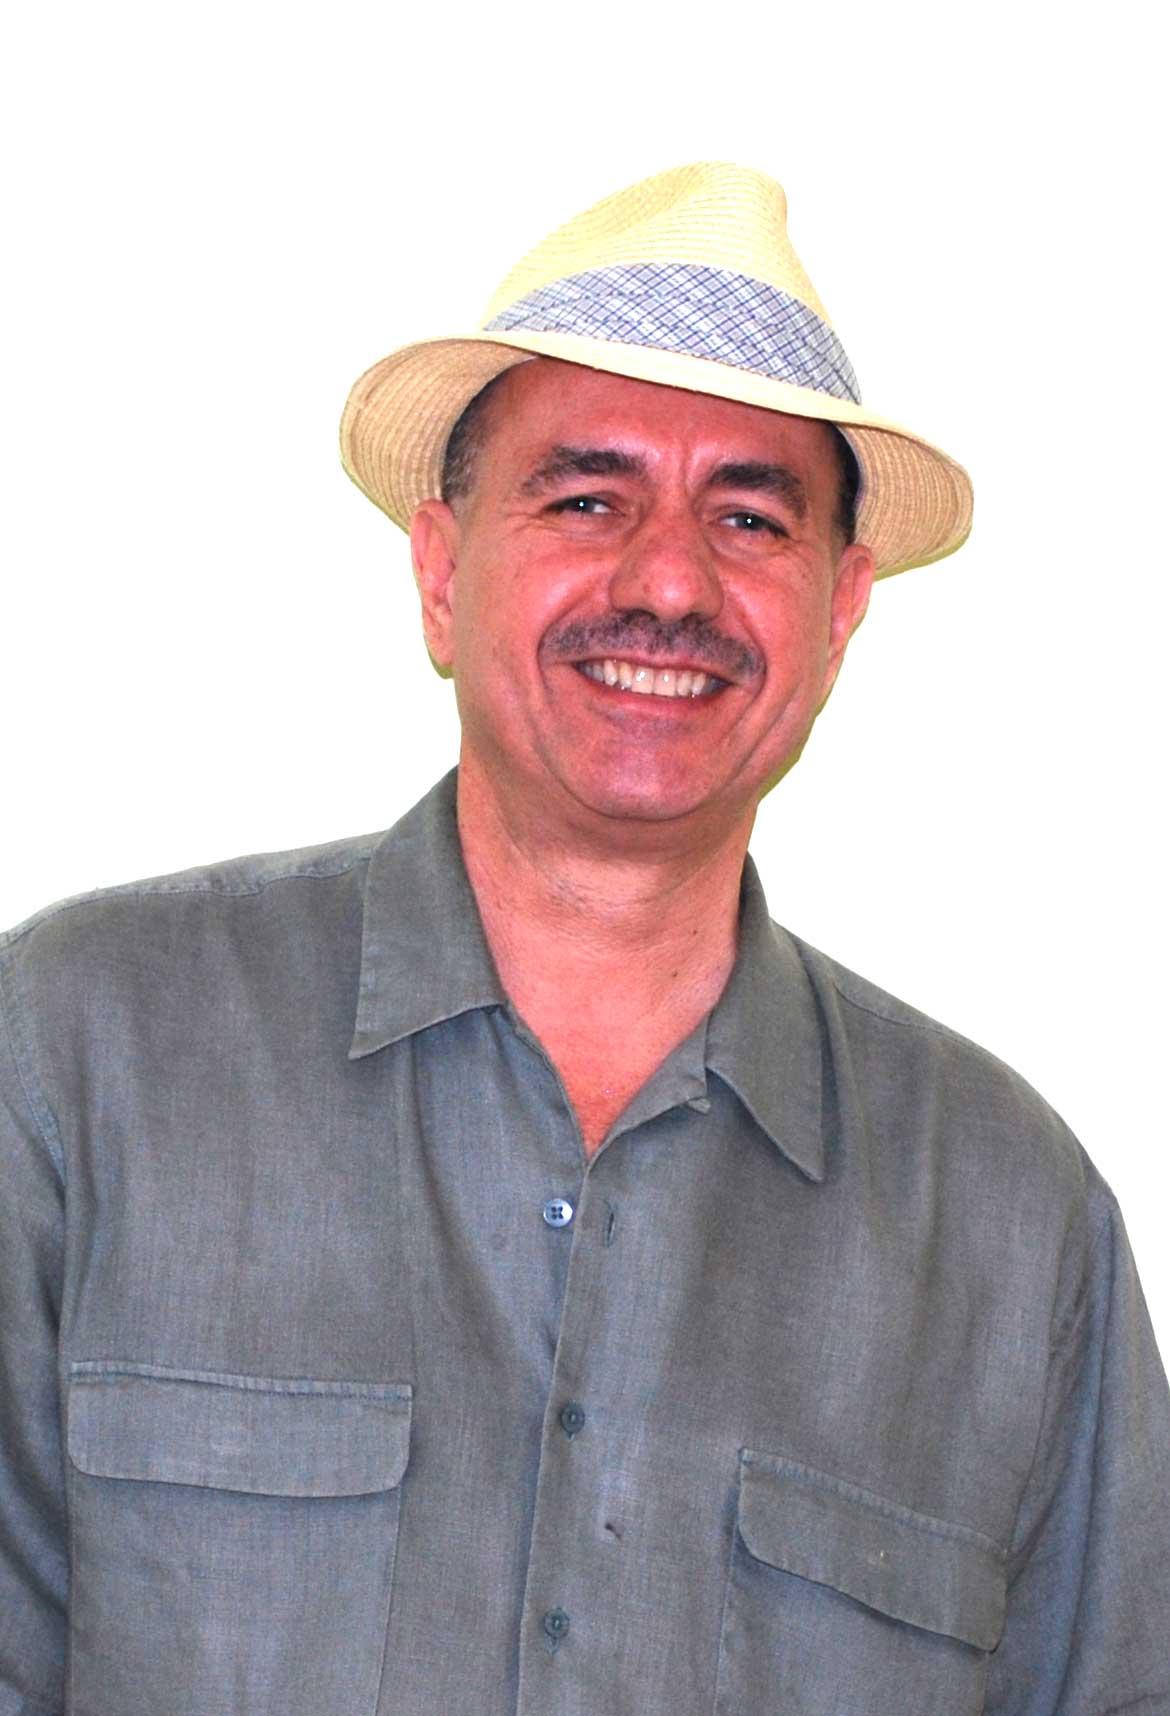 Greg Borino